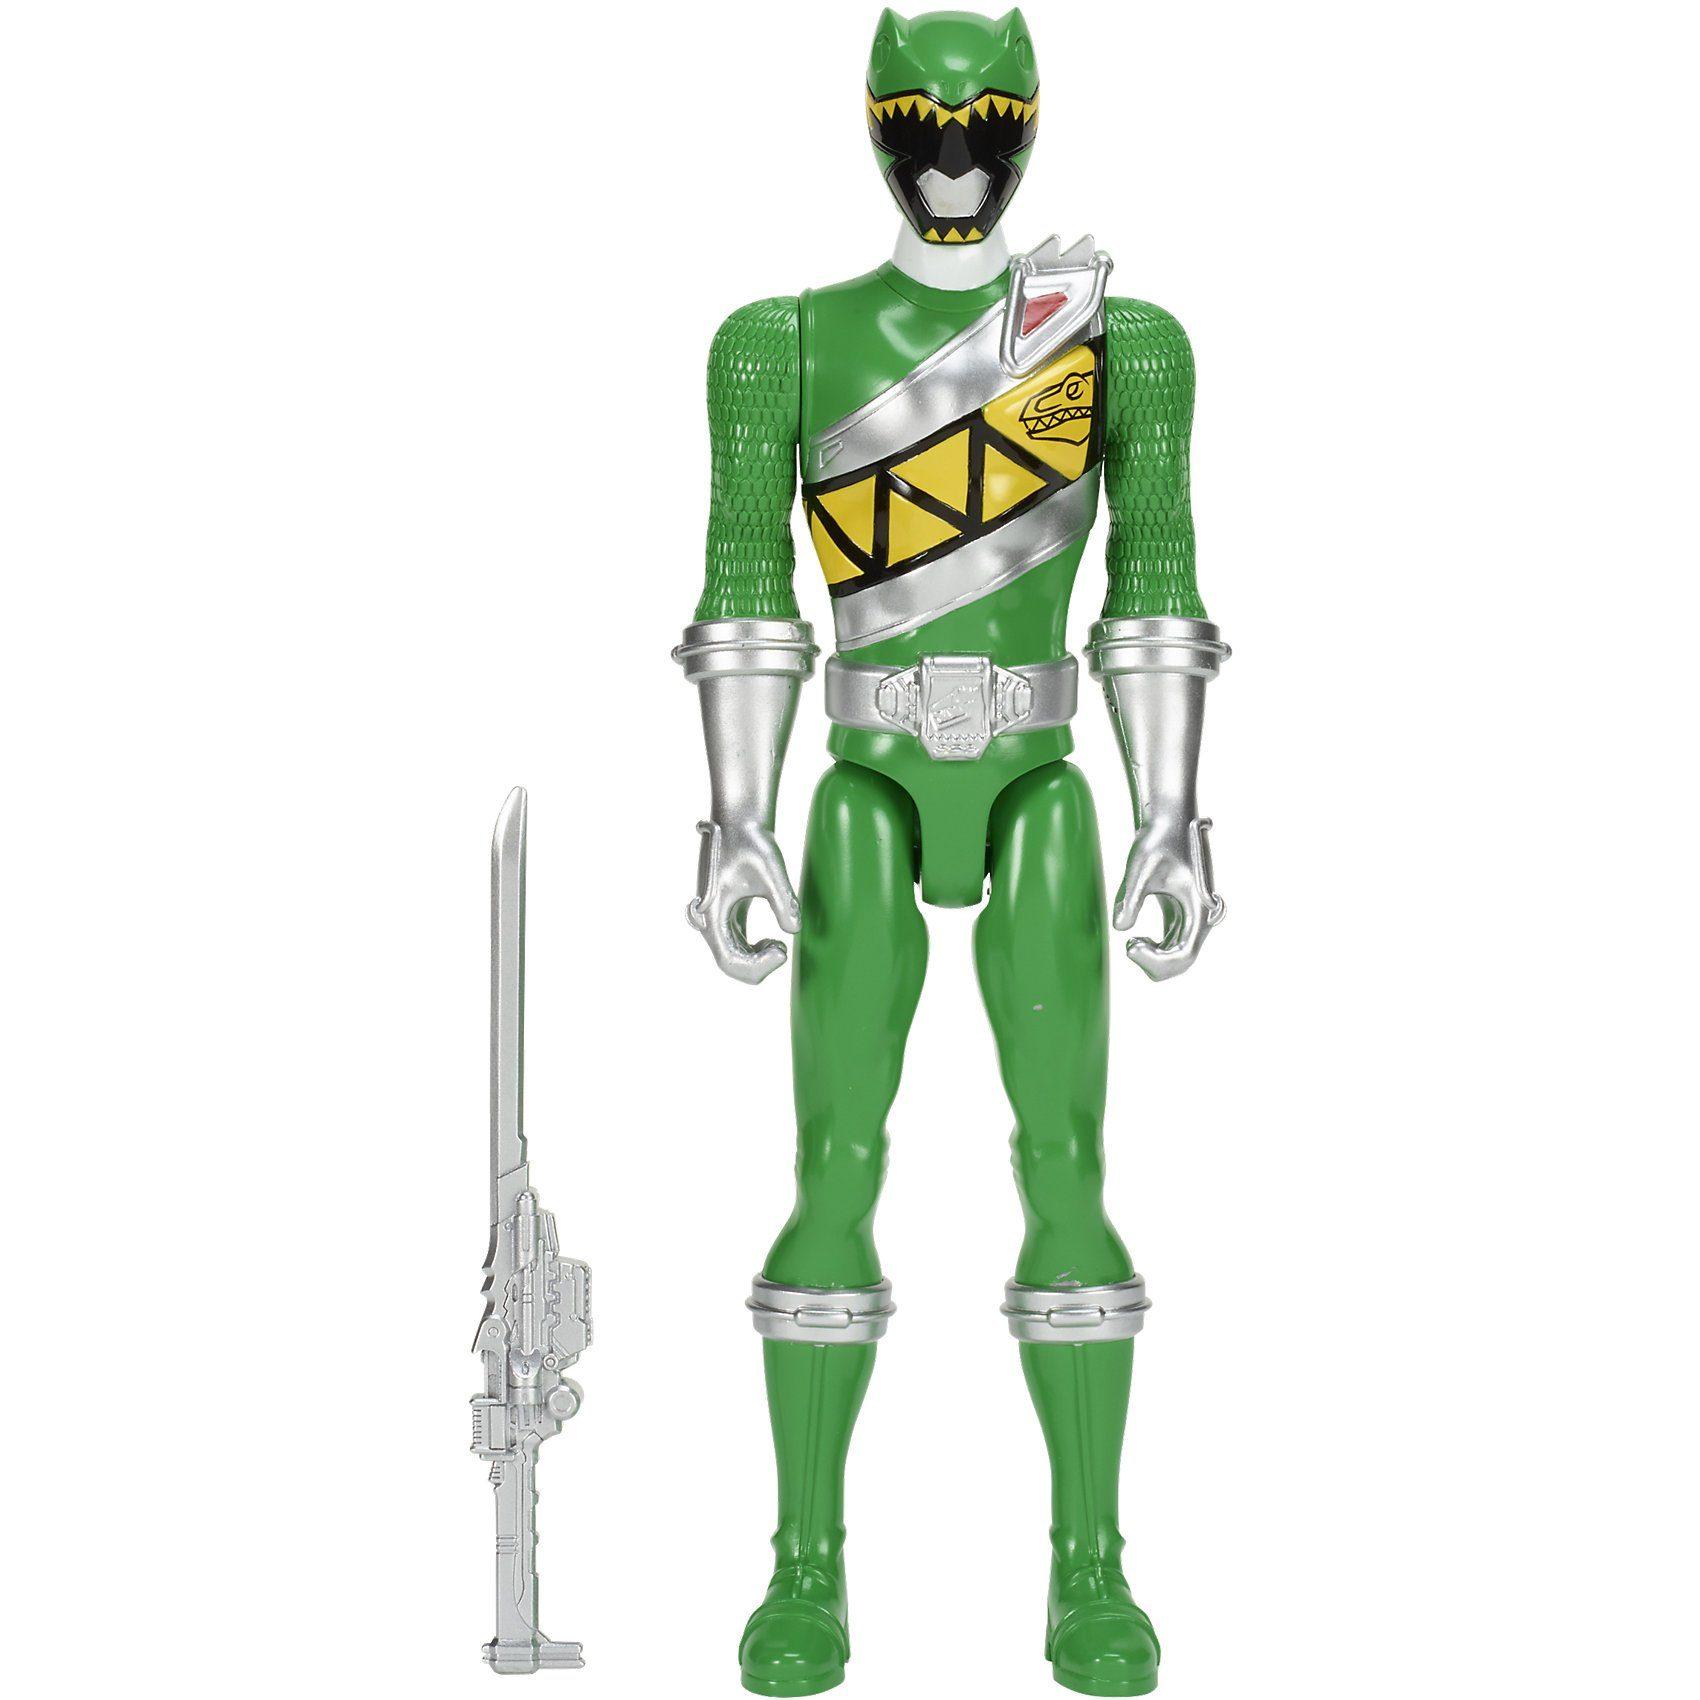 Stadlbauer Power Rangers Grüner Ranger, 30 cm